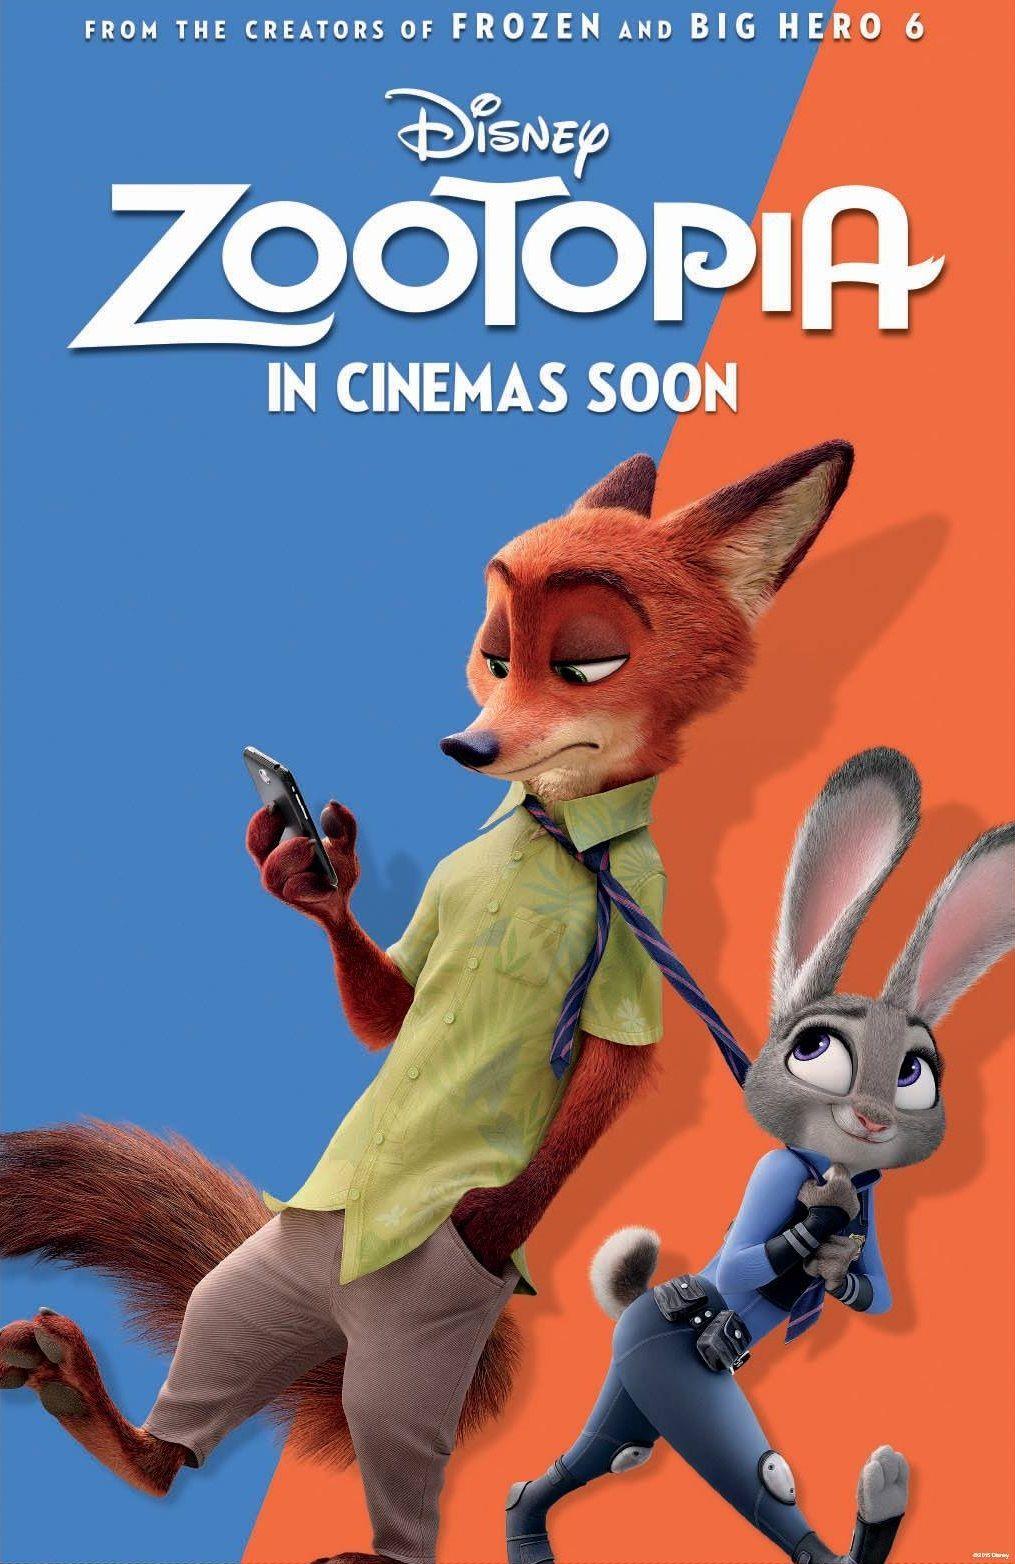 Zootropolis Poster Movie 2016 Zootopia Walt Disney CHOOSE YOUR SIZE FREE P+P